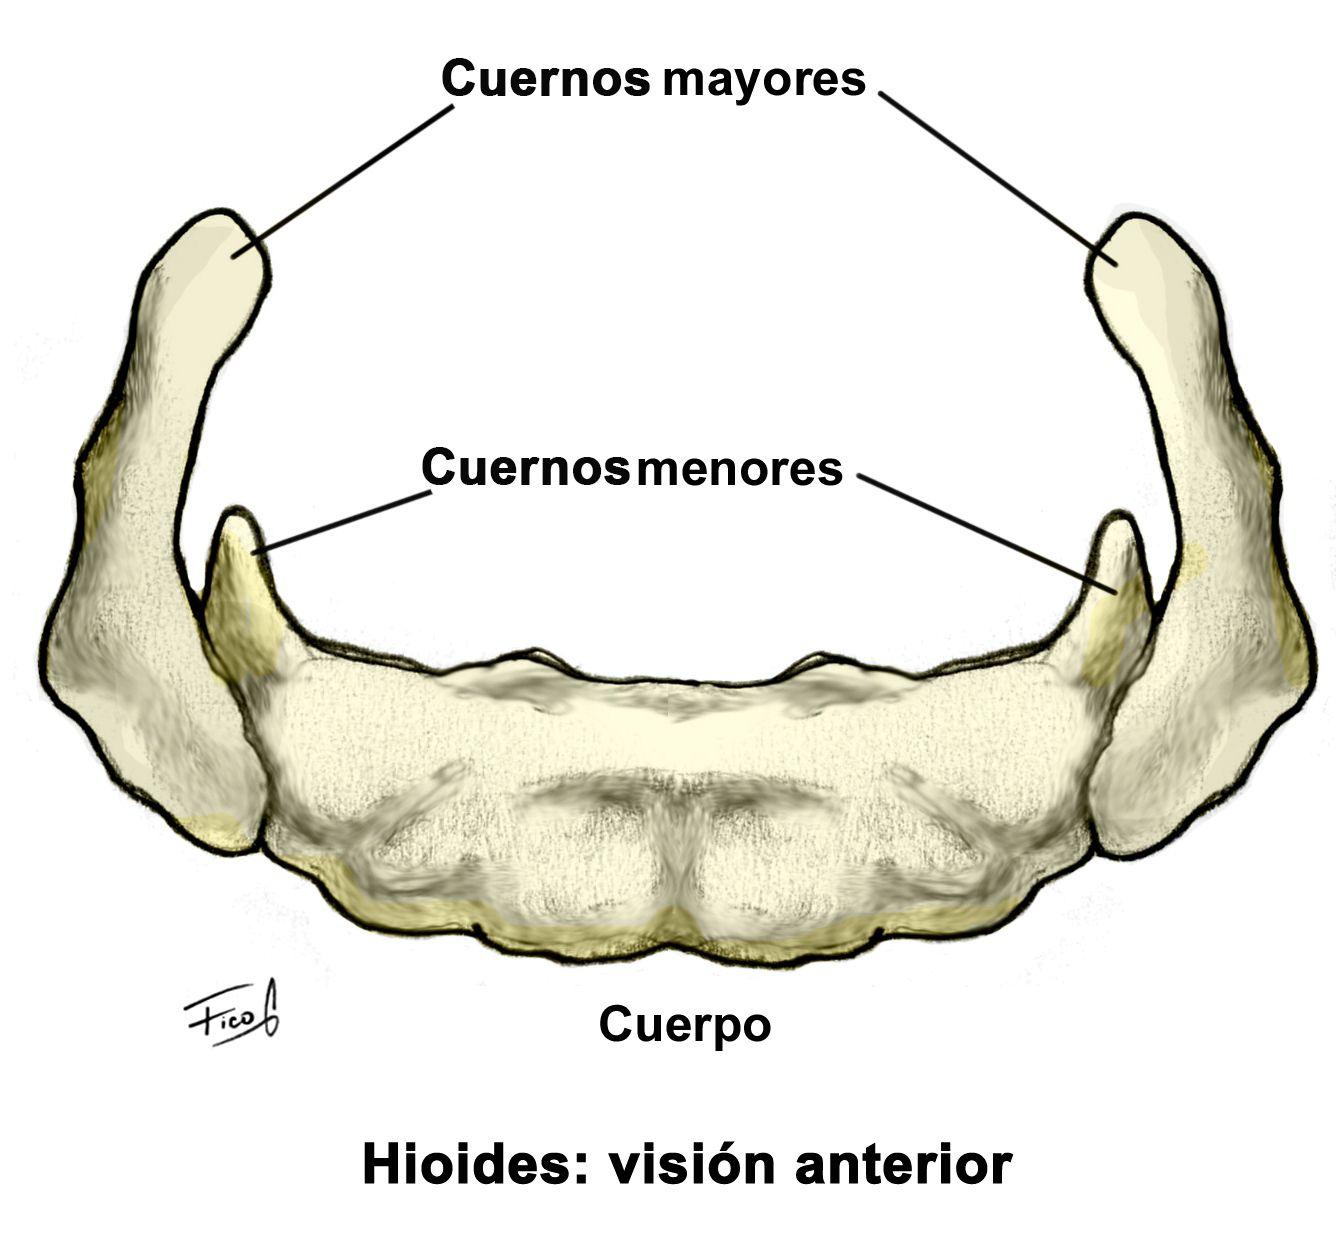 Hueso hioides: visión anterior   Osteologia   Pinterest